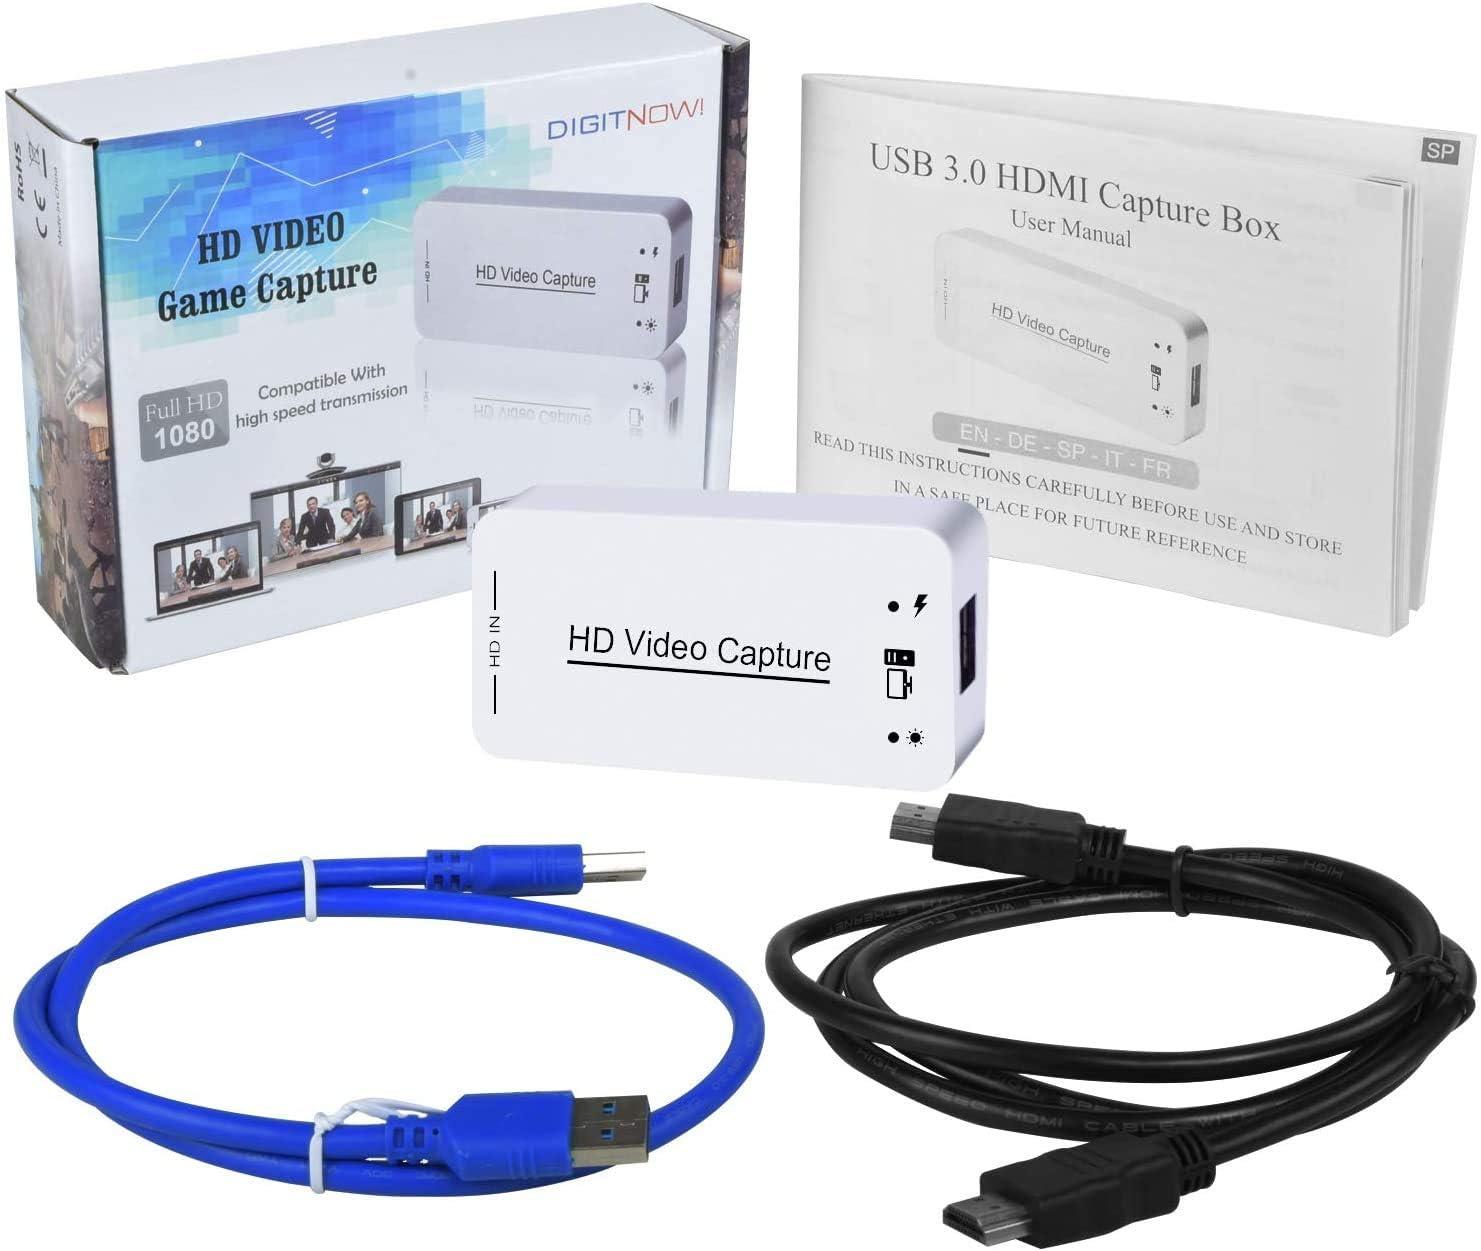 DIGITNOW Capturadora de vdeo HDMI USB 3.0 y Dispositivo de ...